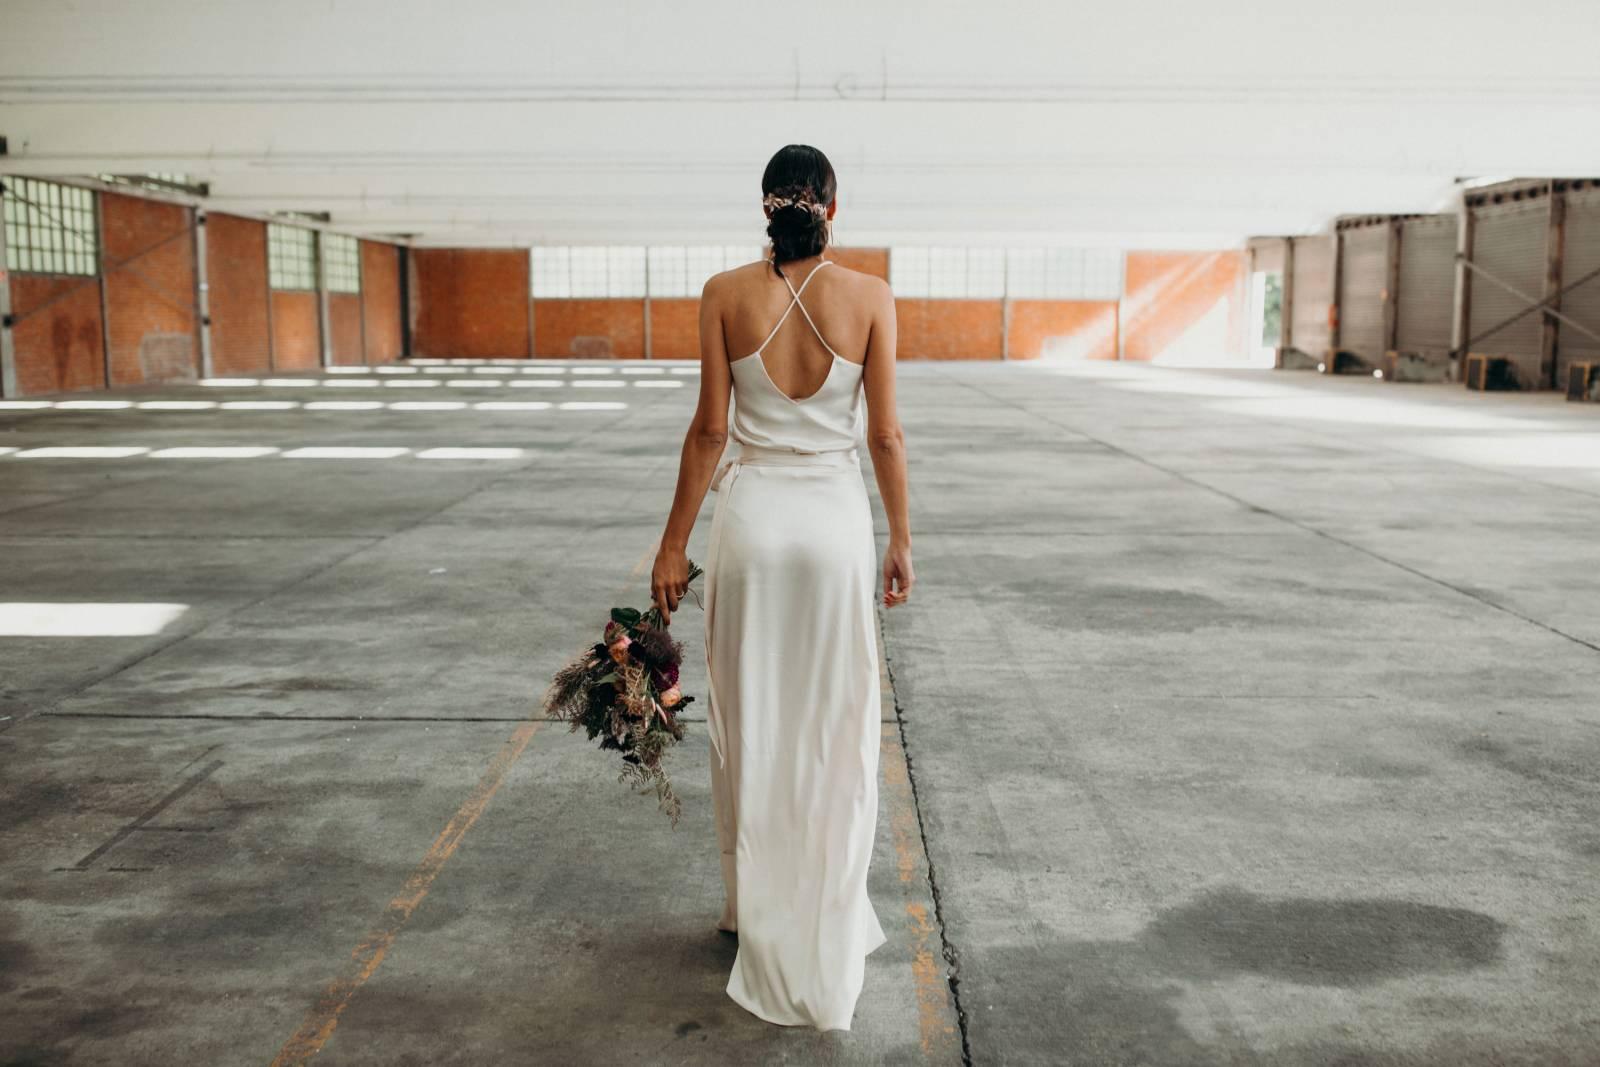 Sikkema - Trouwjurk - Bruidswinkel - Fotograaf Elke van den Ende - House of Weddings - 3